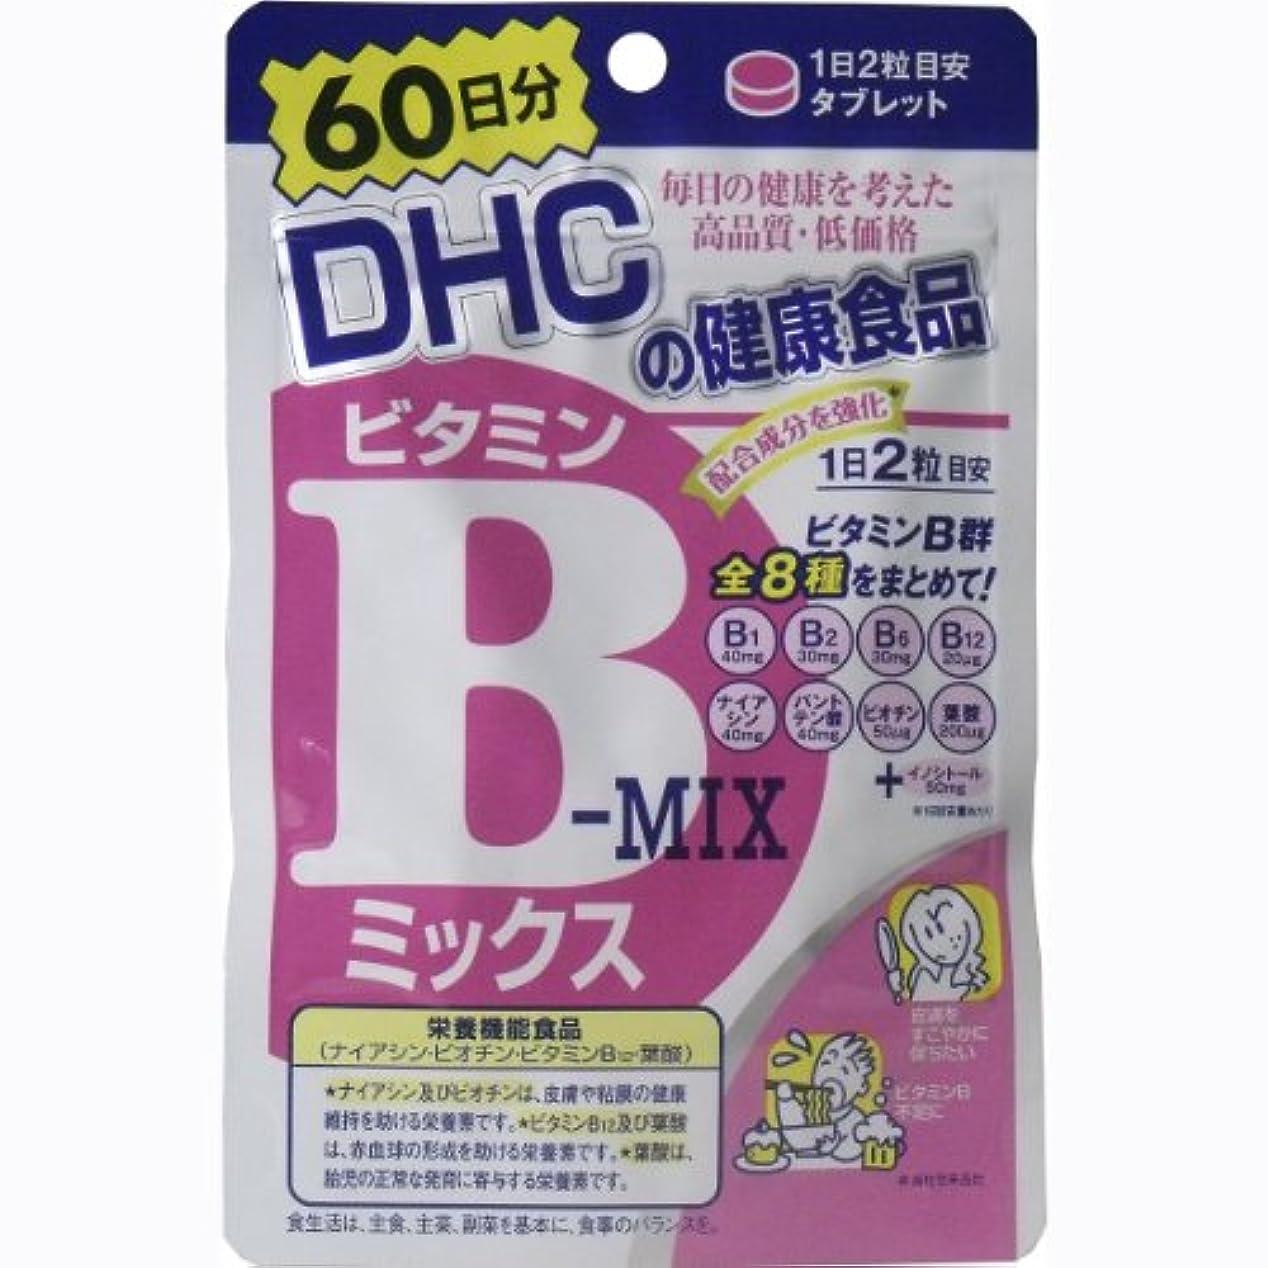 DHC ビタミンBミックス 120粒 60日分【4個セット】